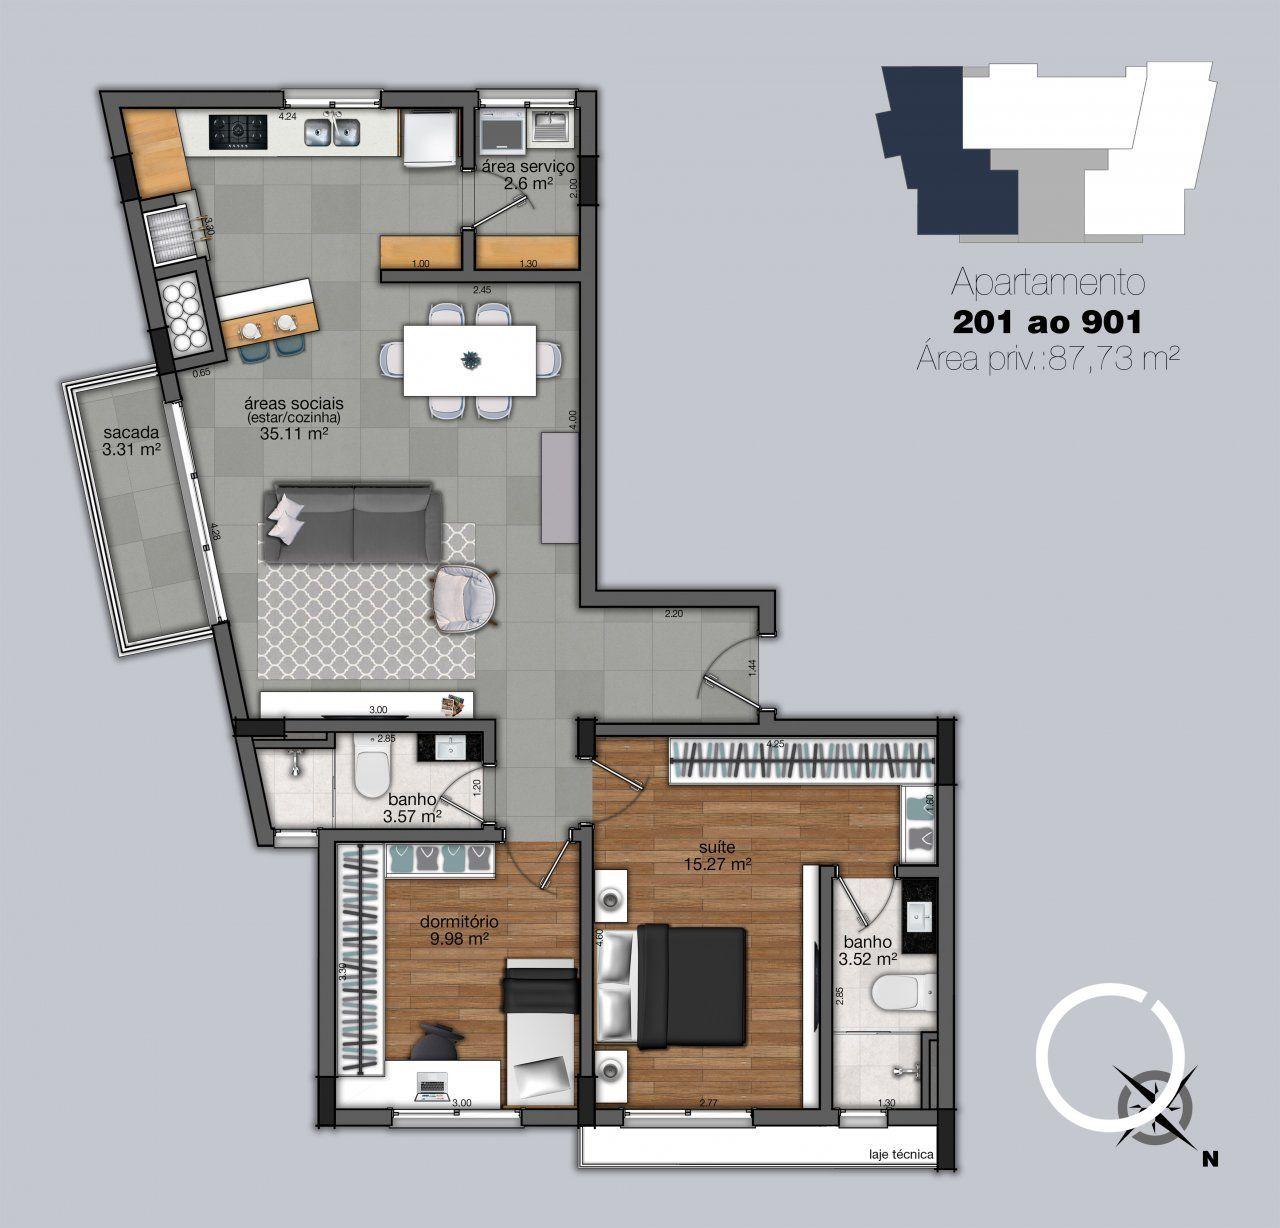 Apartamentos 201 - 901